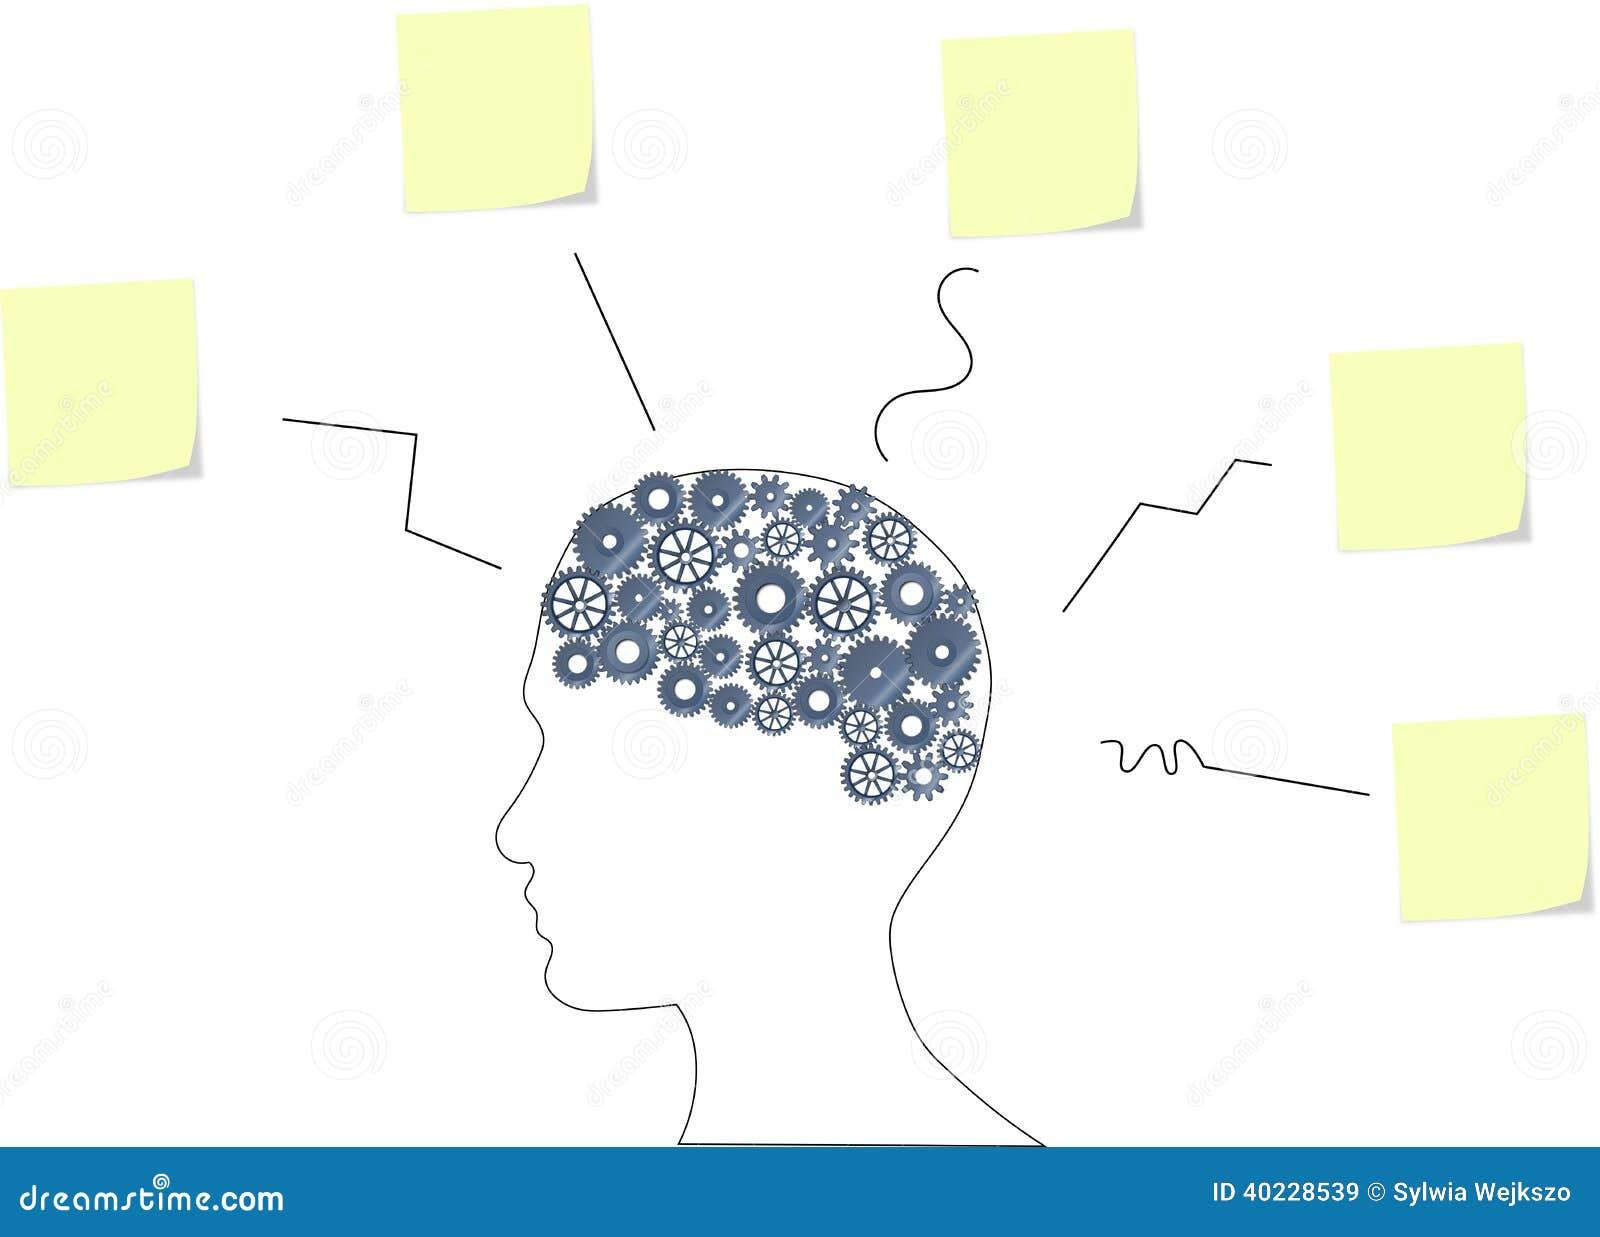 Lujoso Etiqueta Del Diagrama De Cerebro Composición - Imágenes de ...